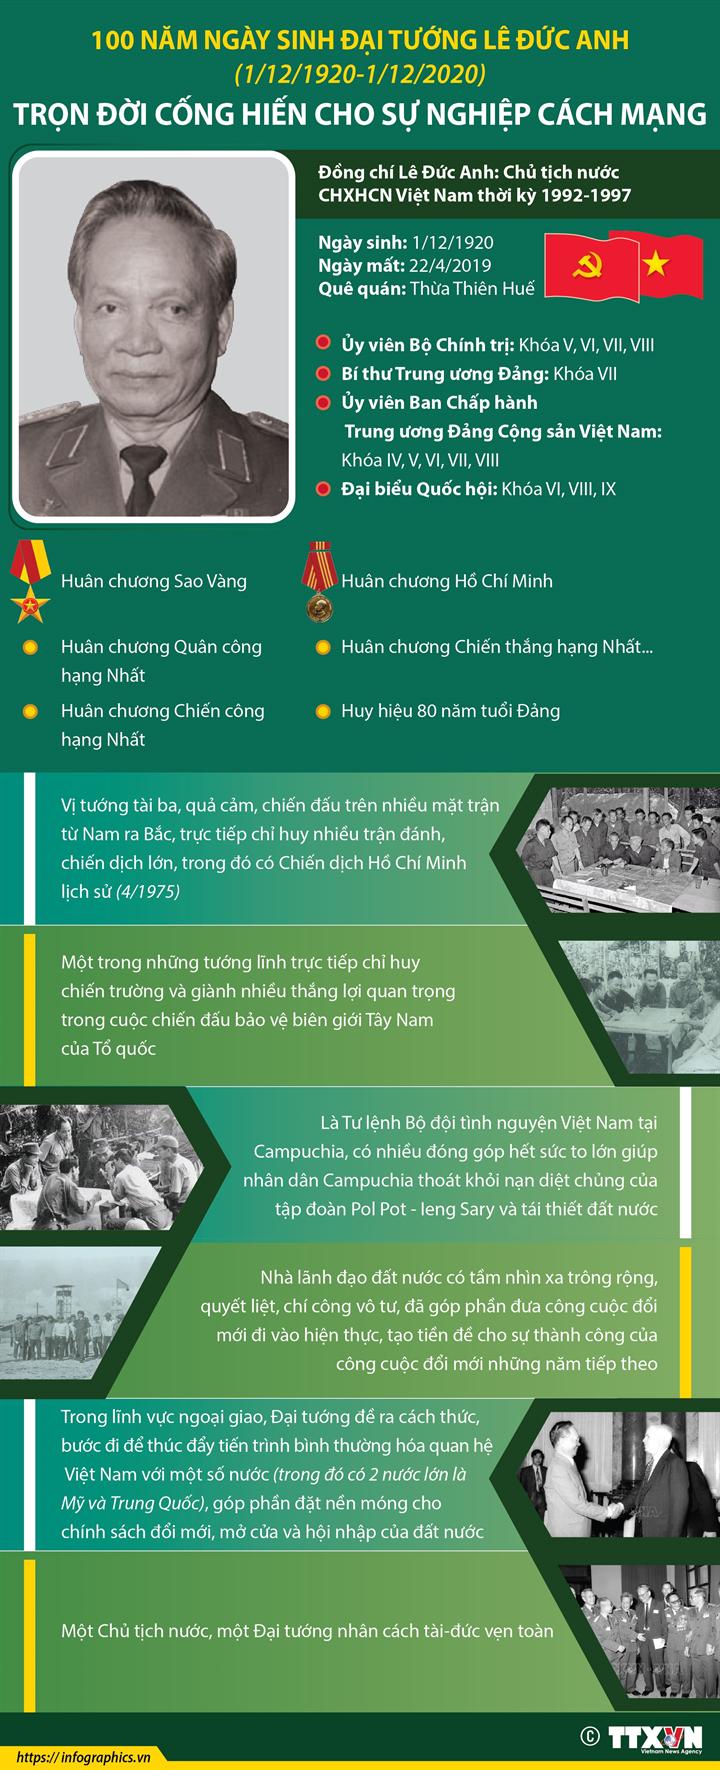 100 năm ngày sinh Đại tướng Lê Đức Anh (1/12/1920-1/12/2020): Trọn đời cống hiến cho sự nghiệp cách mạng